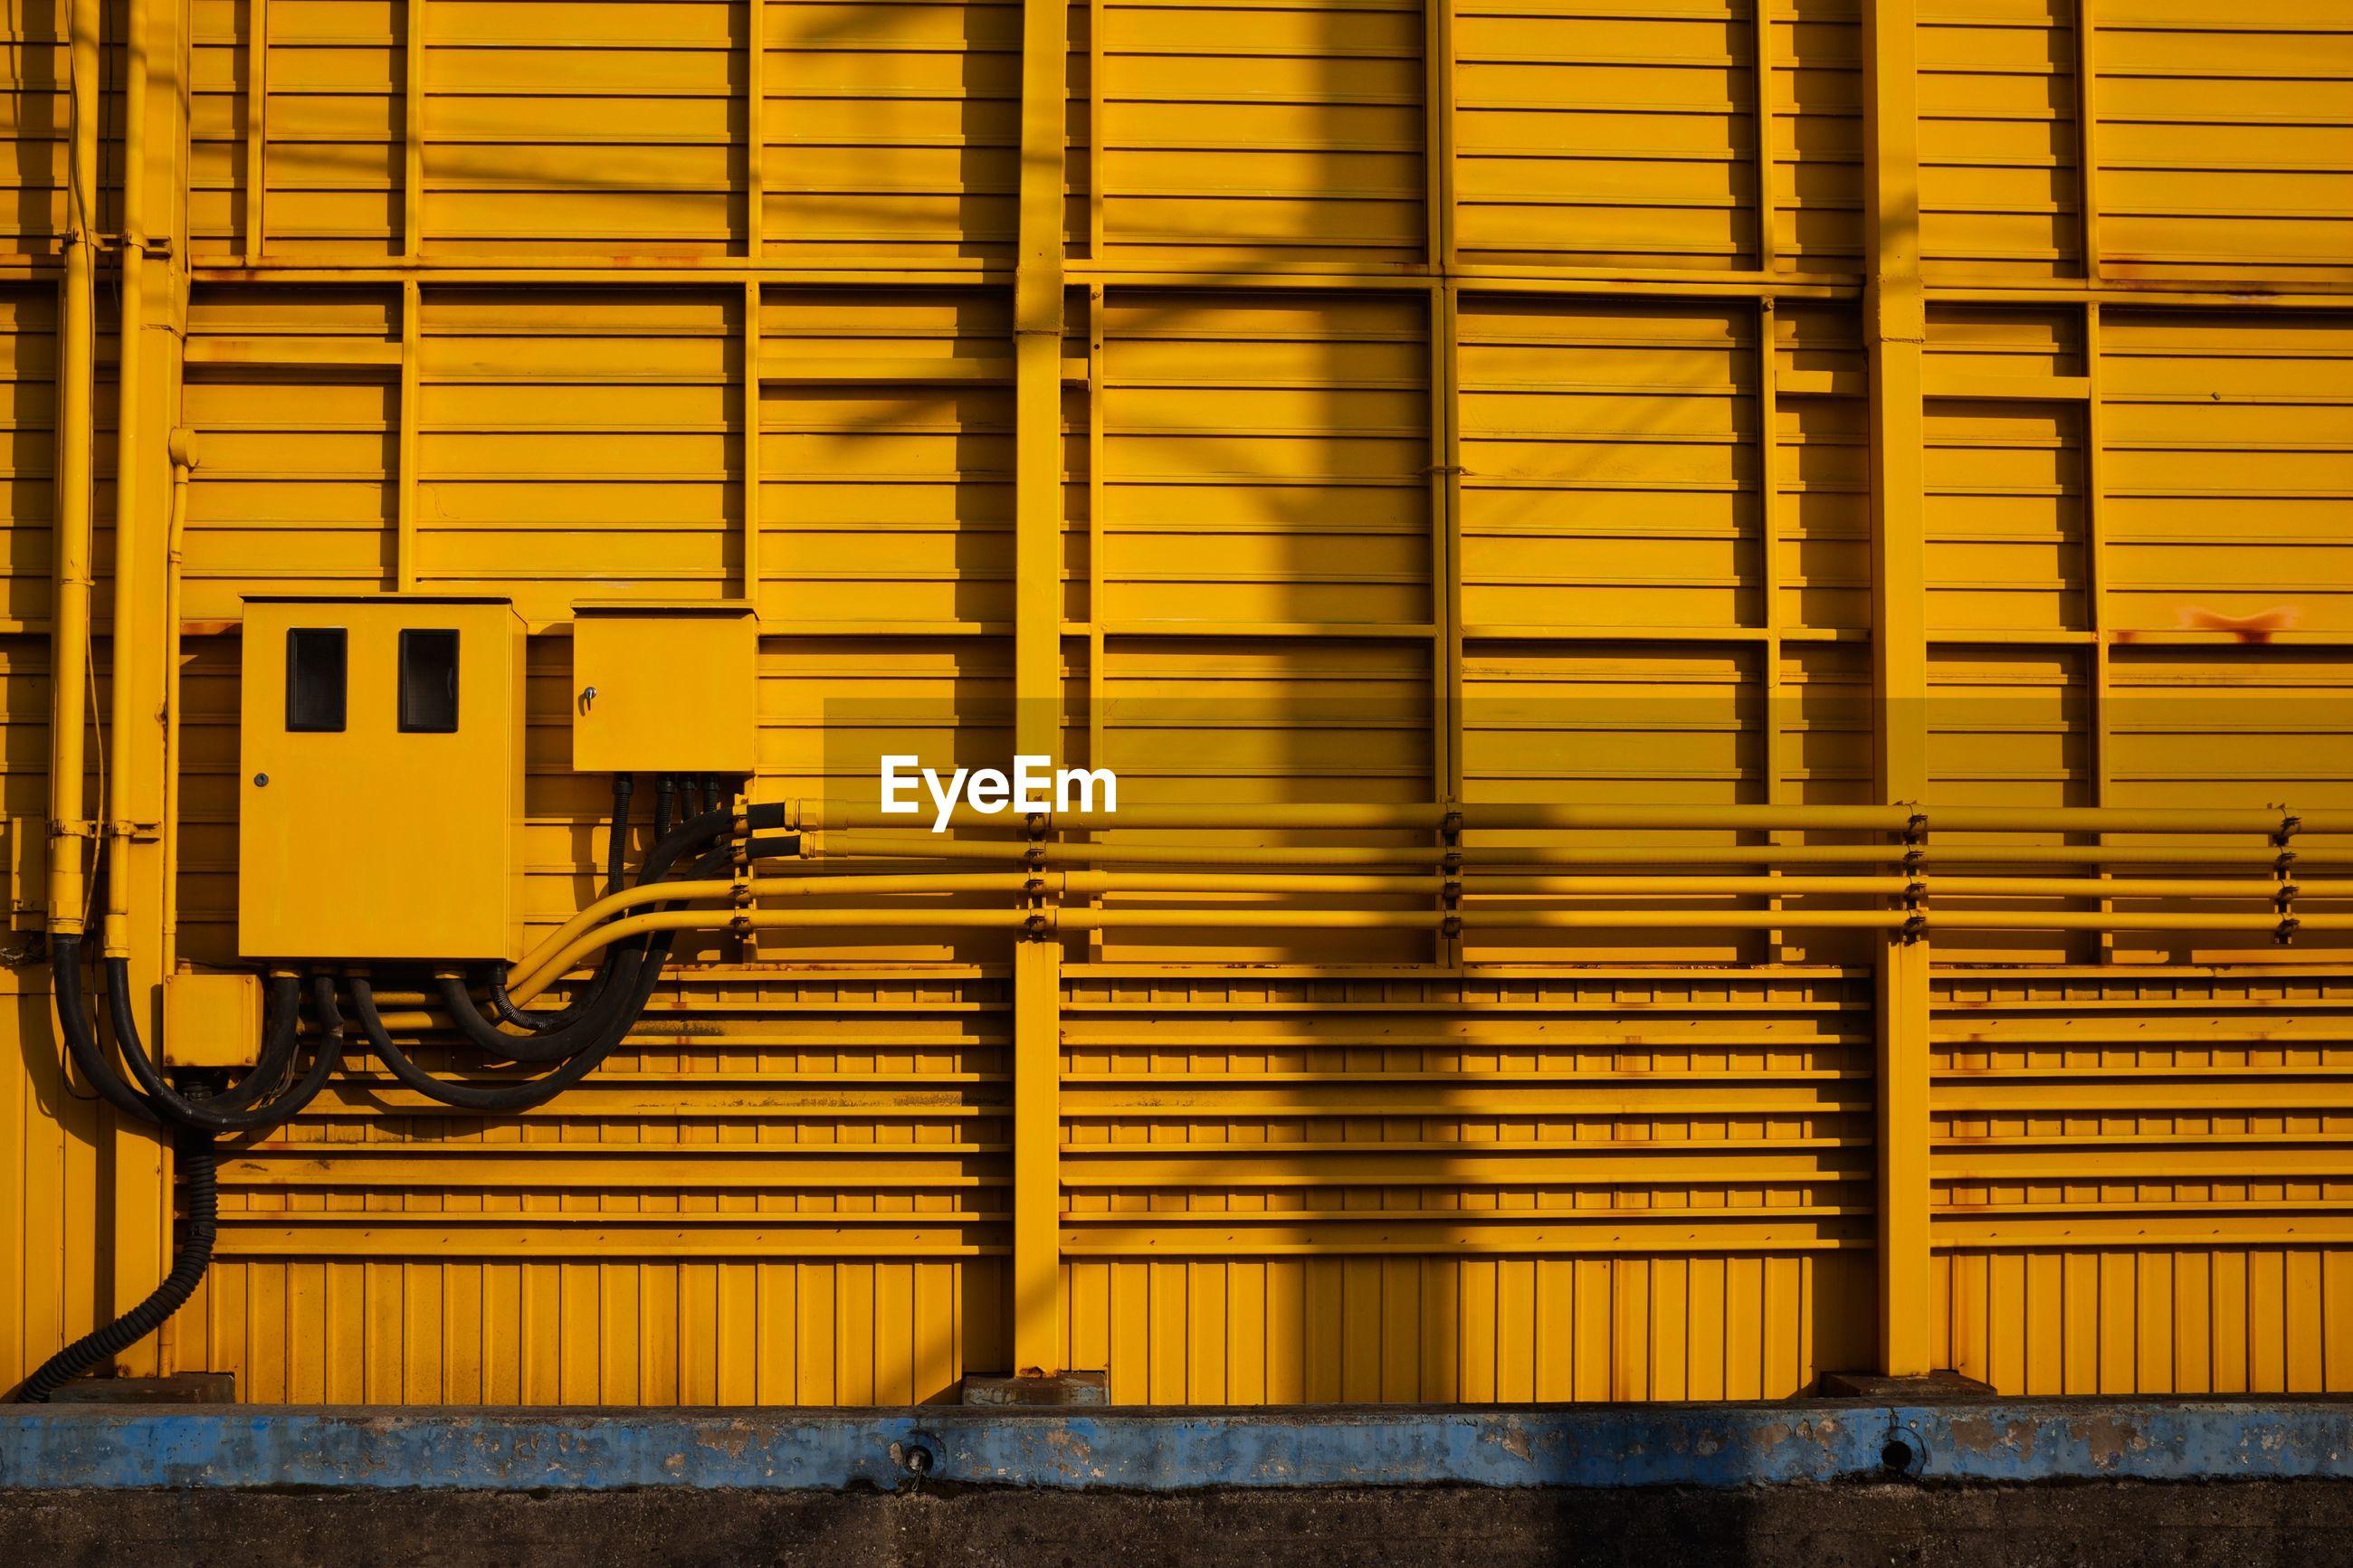 Fuse box yellow wall